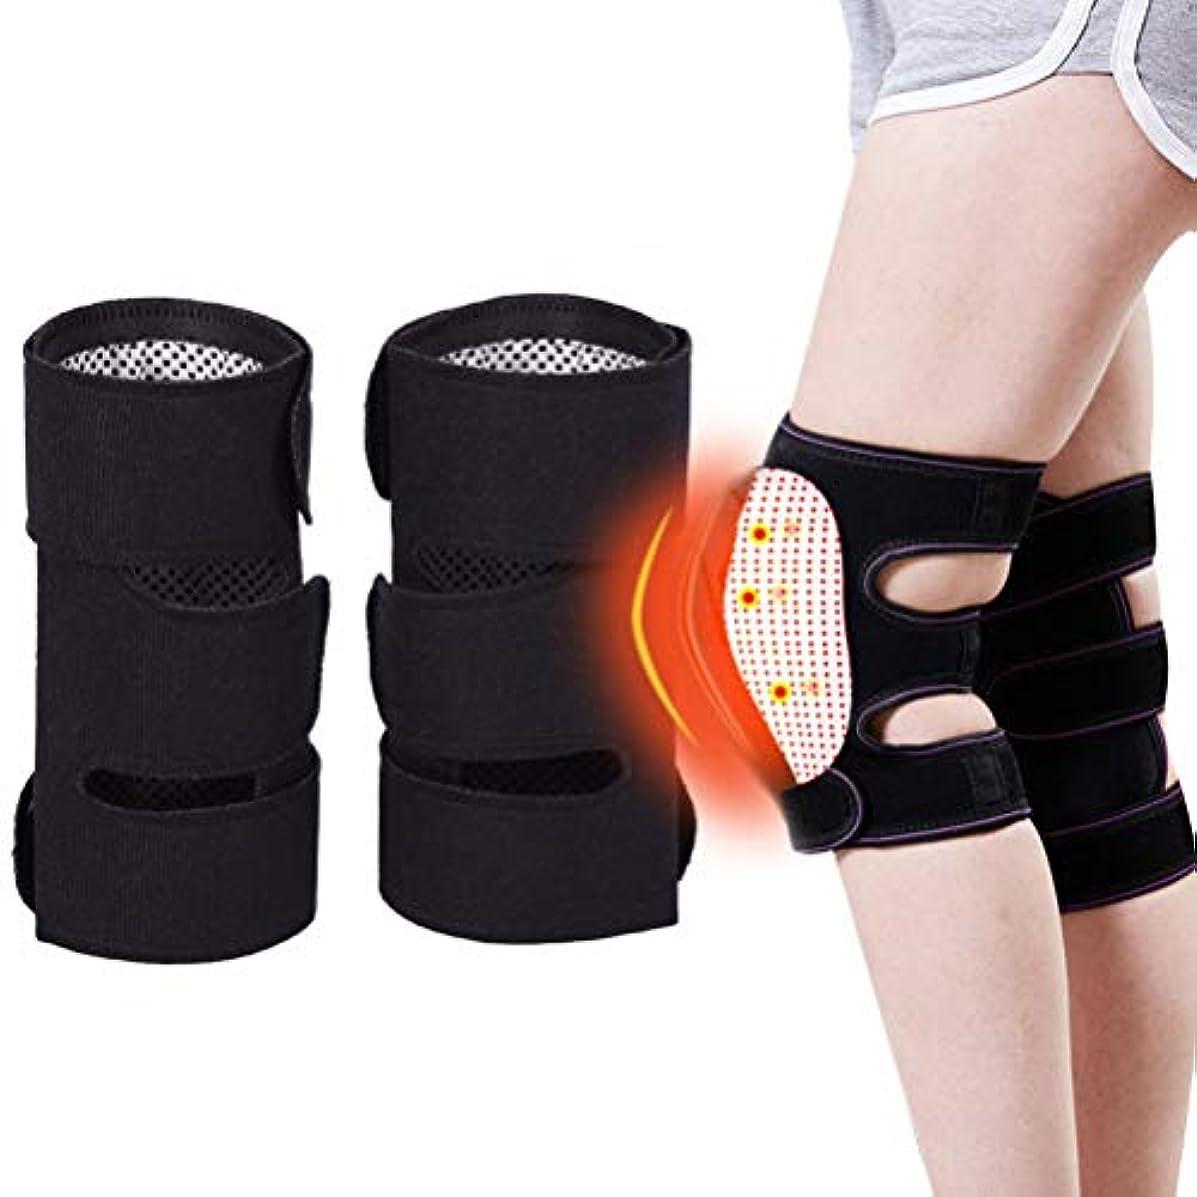 明らか保有者合理的Badasa 1ペアトルマリン自己発熱膝パッド磁気療法膝パッド痛み緩和関節炎ブレースサポート膝蓋膝スリーブパッド